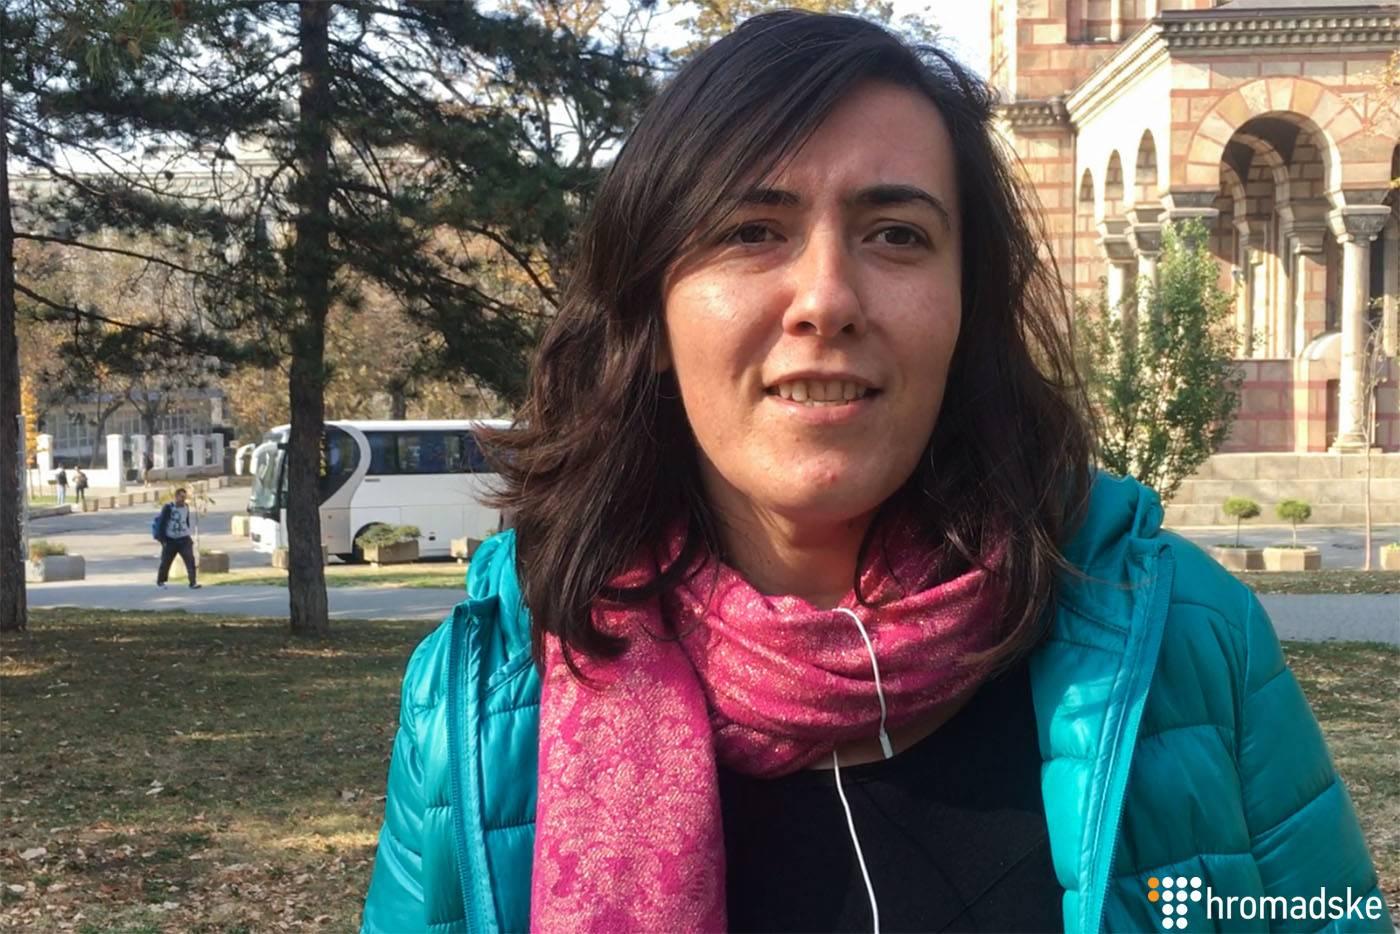 Громадська активістка Ясміна Лазовіч, Белград, Сербія, 25 жовтня 2018 року